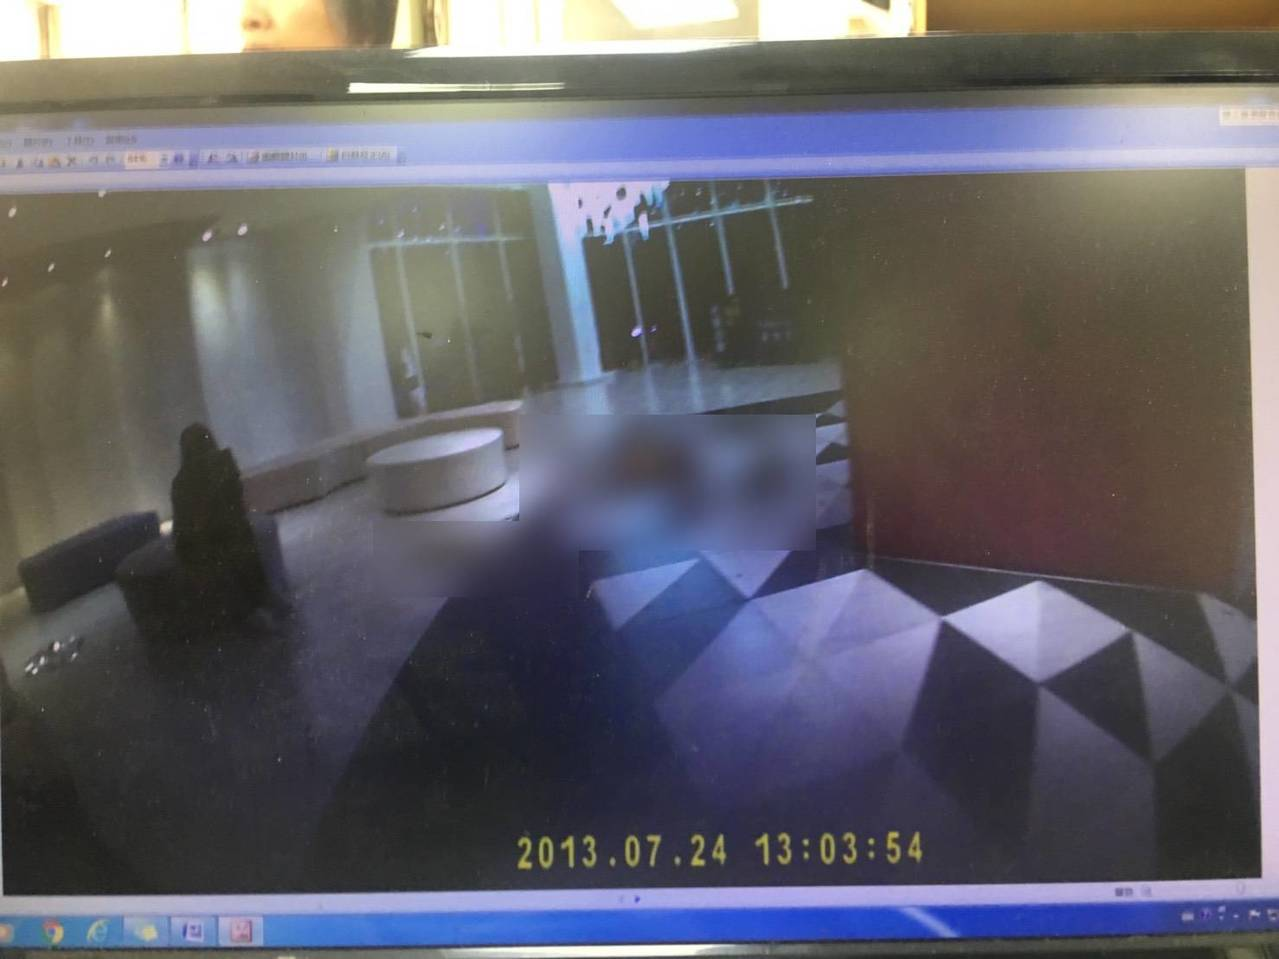 台中市一家KTV今晨发生两派人马斗殴,造成2男背部遭砍伤,地面血迹斑斑,怵目惊心...